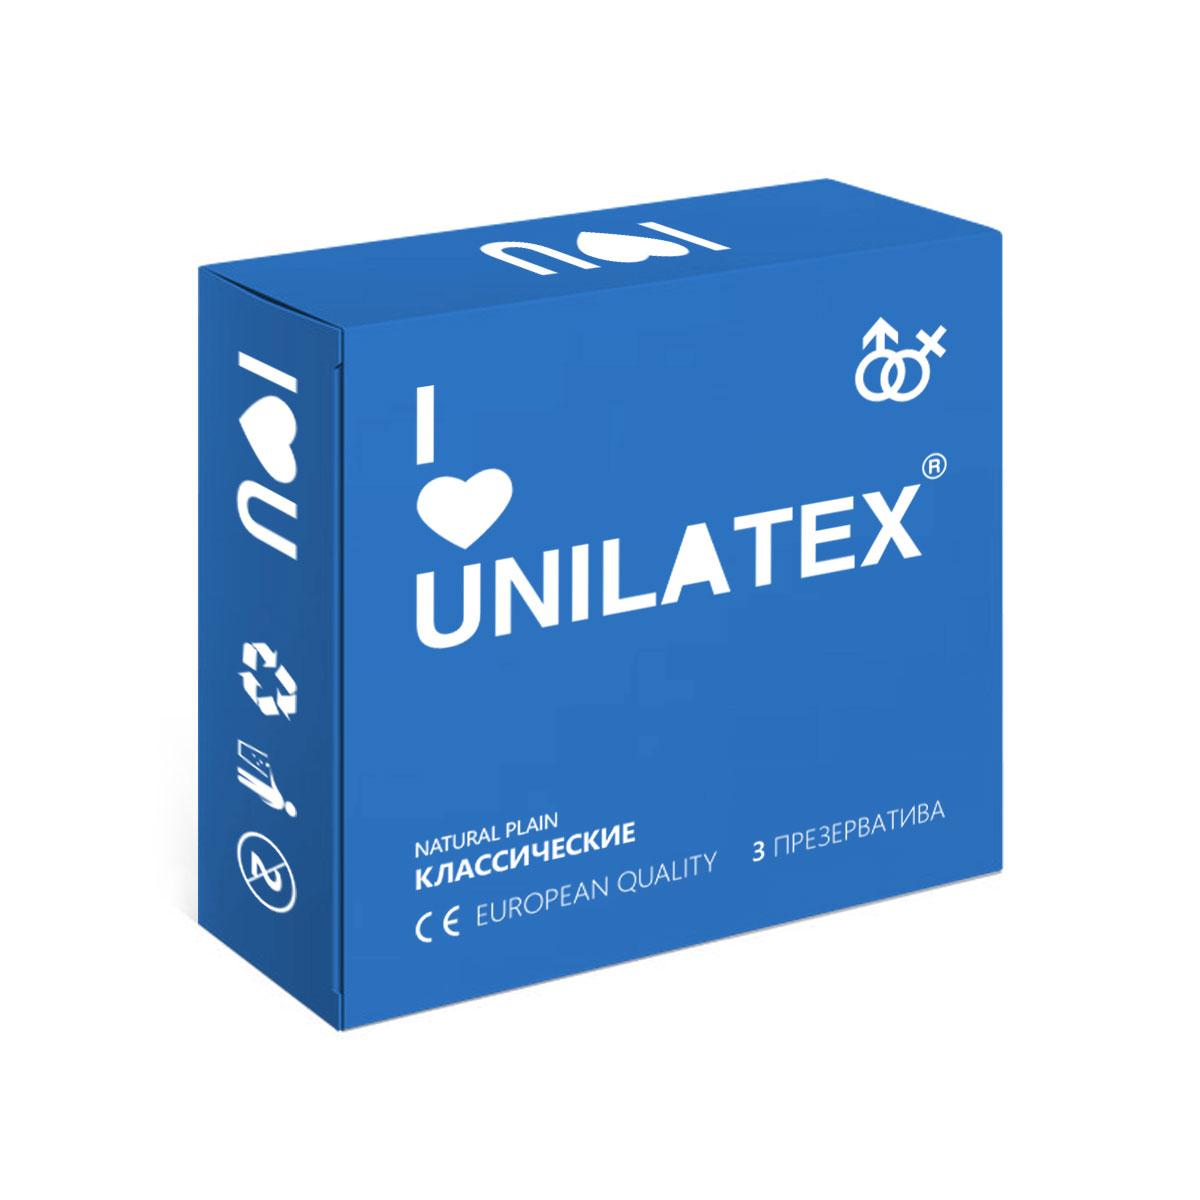 Презервативы Unilatex Natural Plain, 3 штRef. 3002Классические презервативы из натурального латекса телесного цвета, гладкой поверхностью, покрыты силиконовой смазкой с нейтральным ароматом.